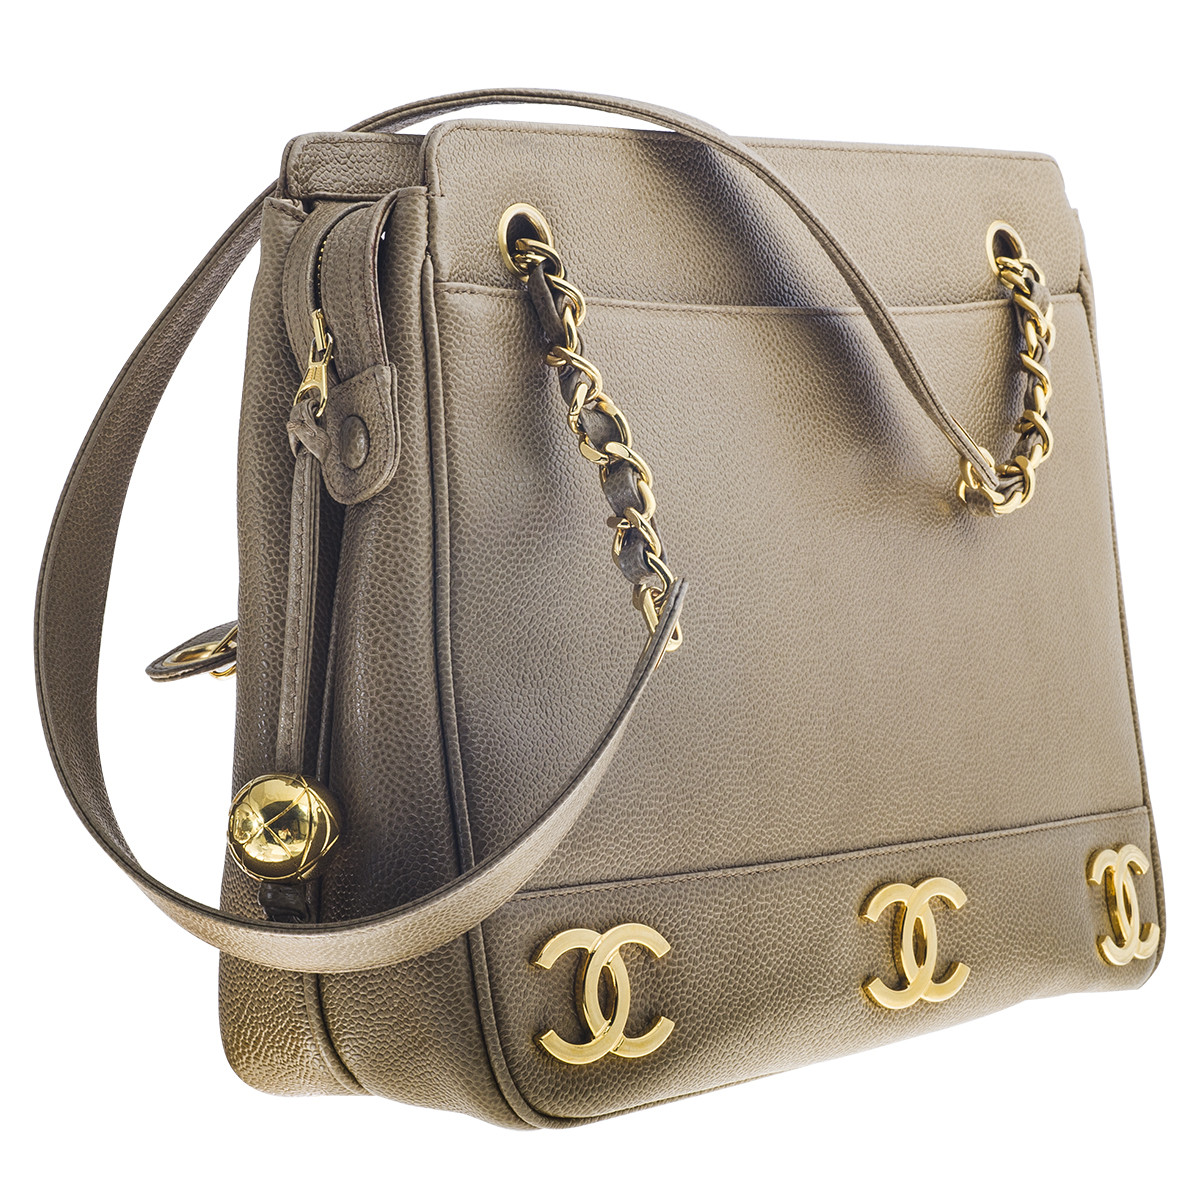 Vintage Chanel Camel Cavier Tote Handbag